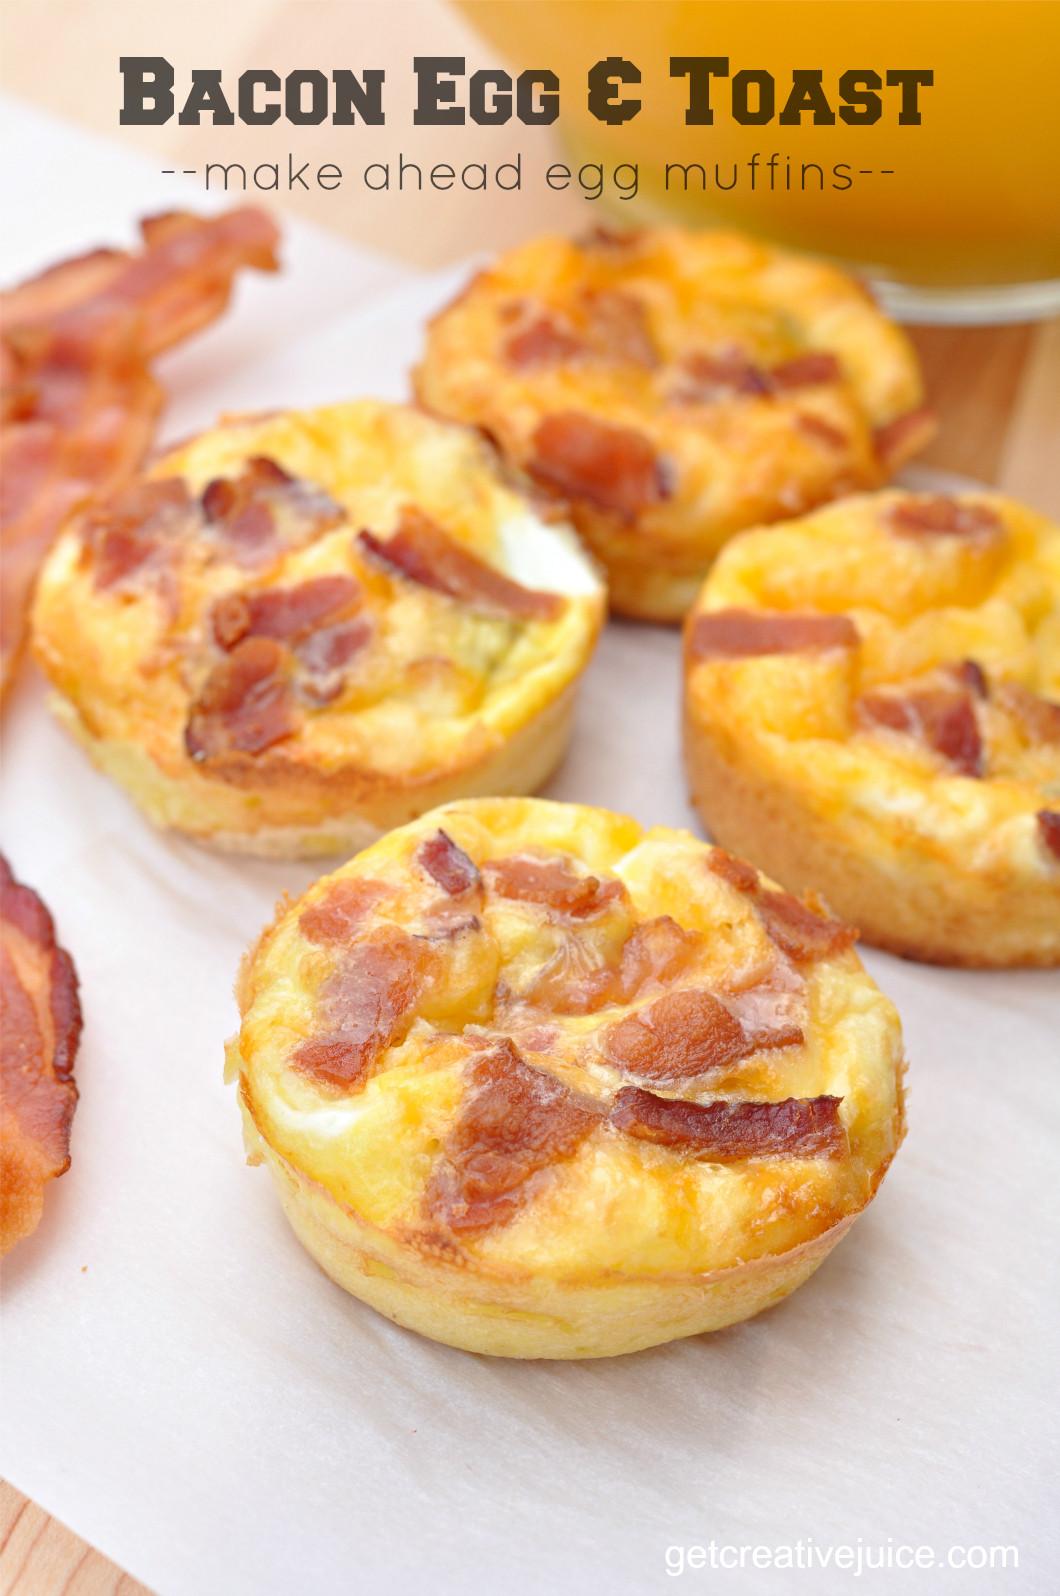 Healthy Easy To Make Breakfast  Back to school breakfast ideas & recipe